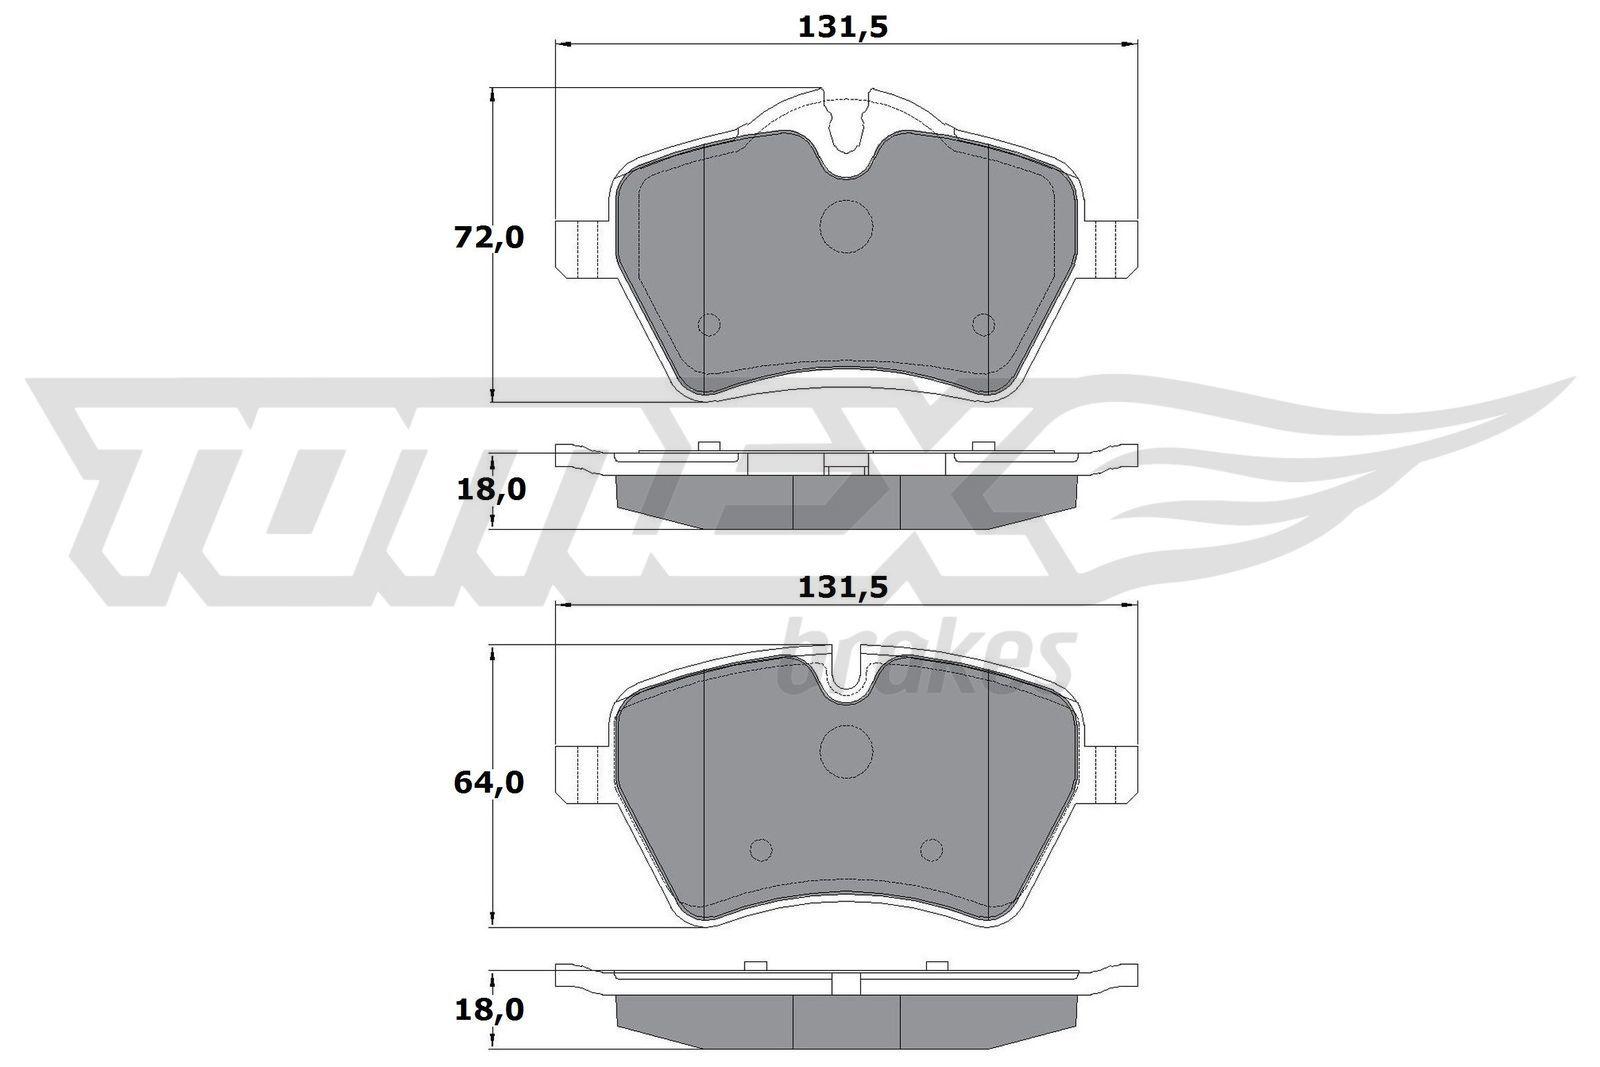 Bremsbelagsatz TOMEX brakes TX 16-04